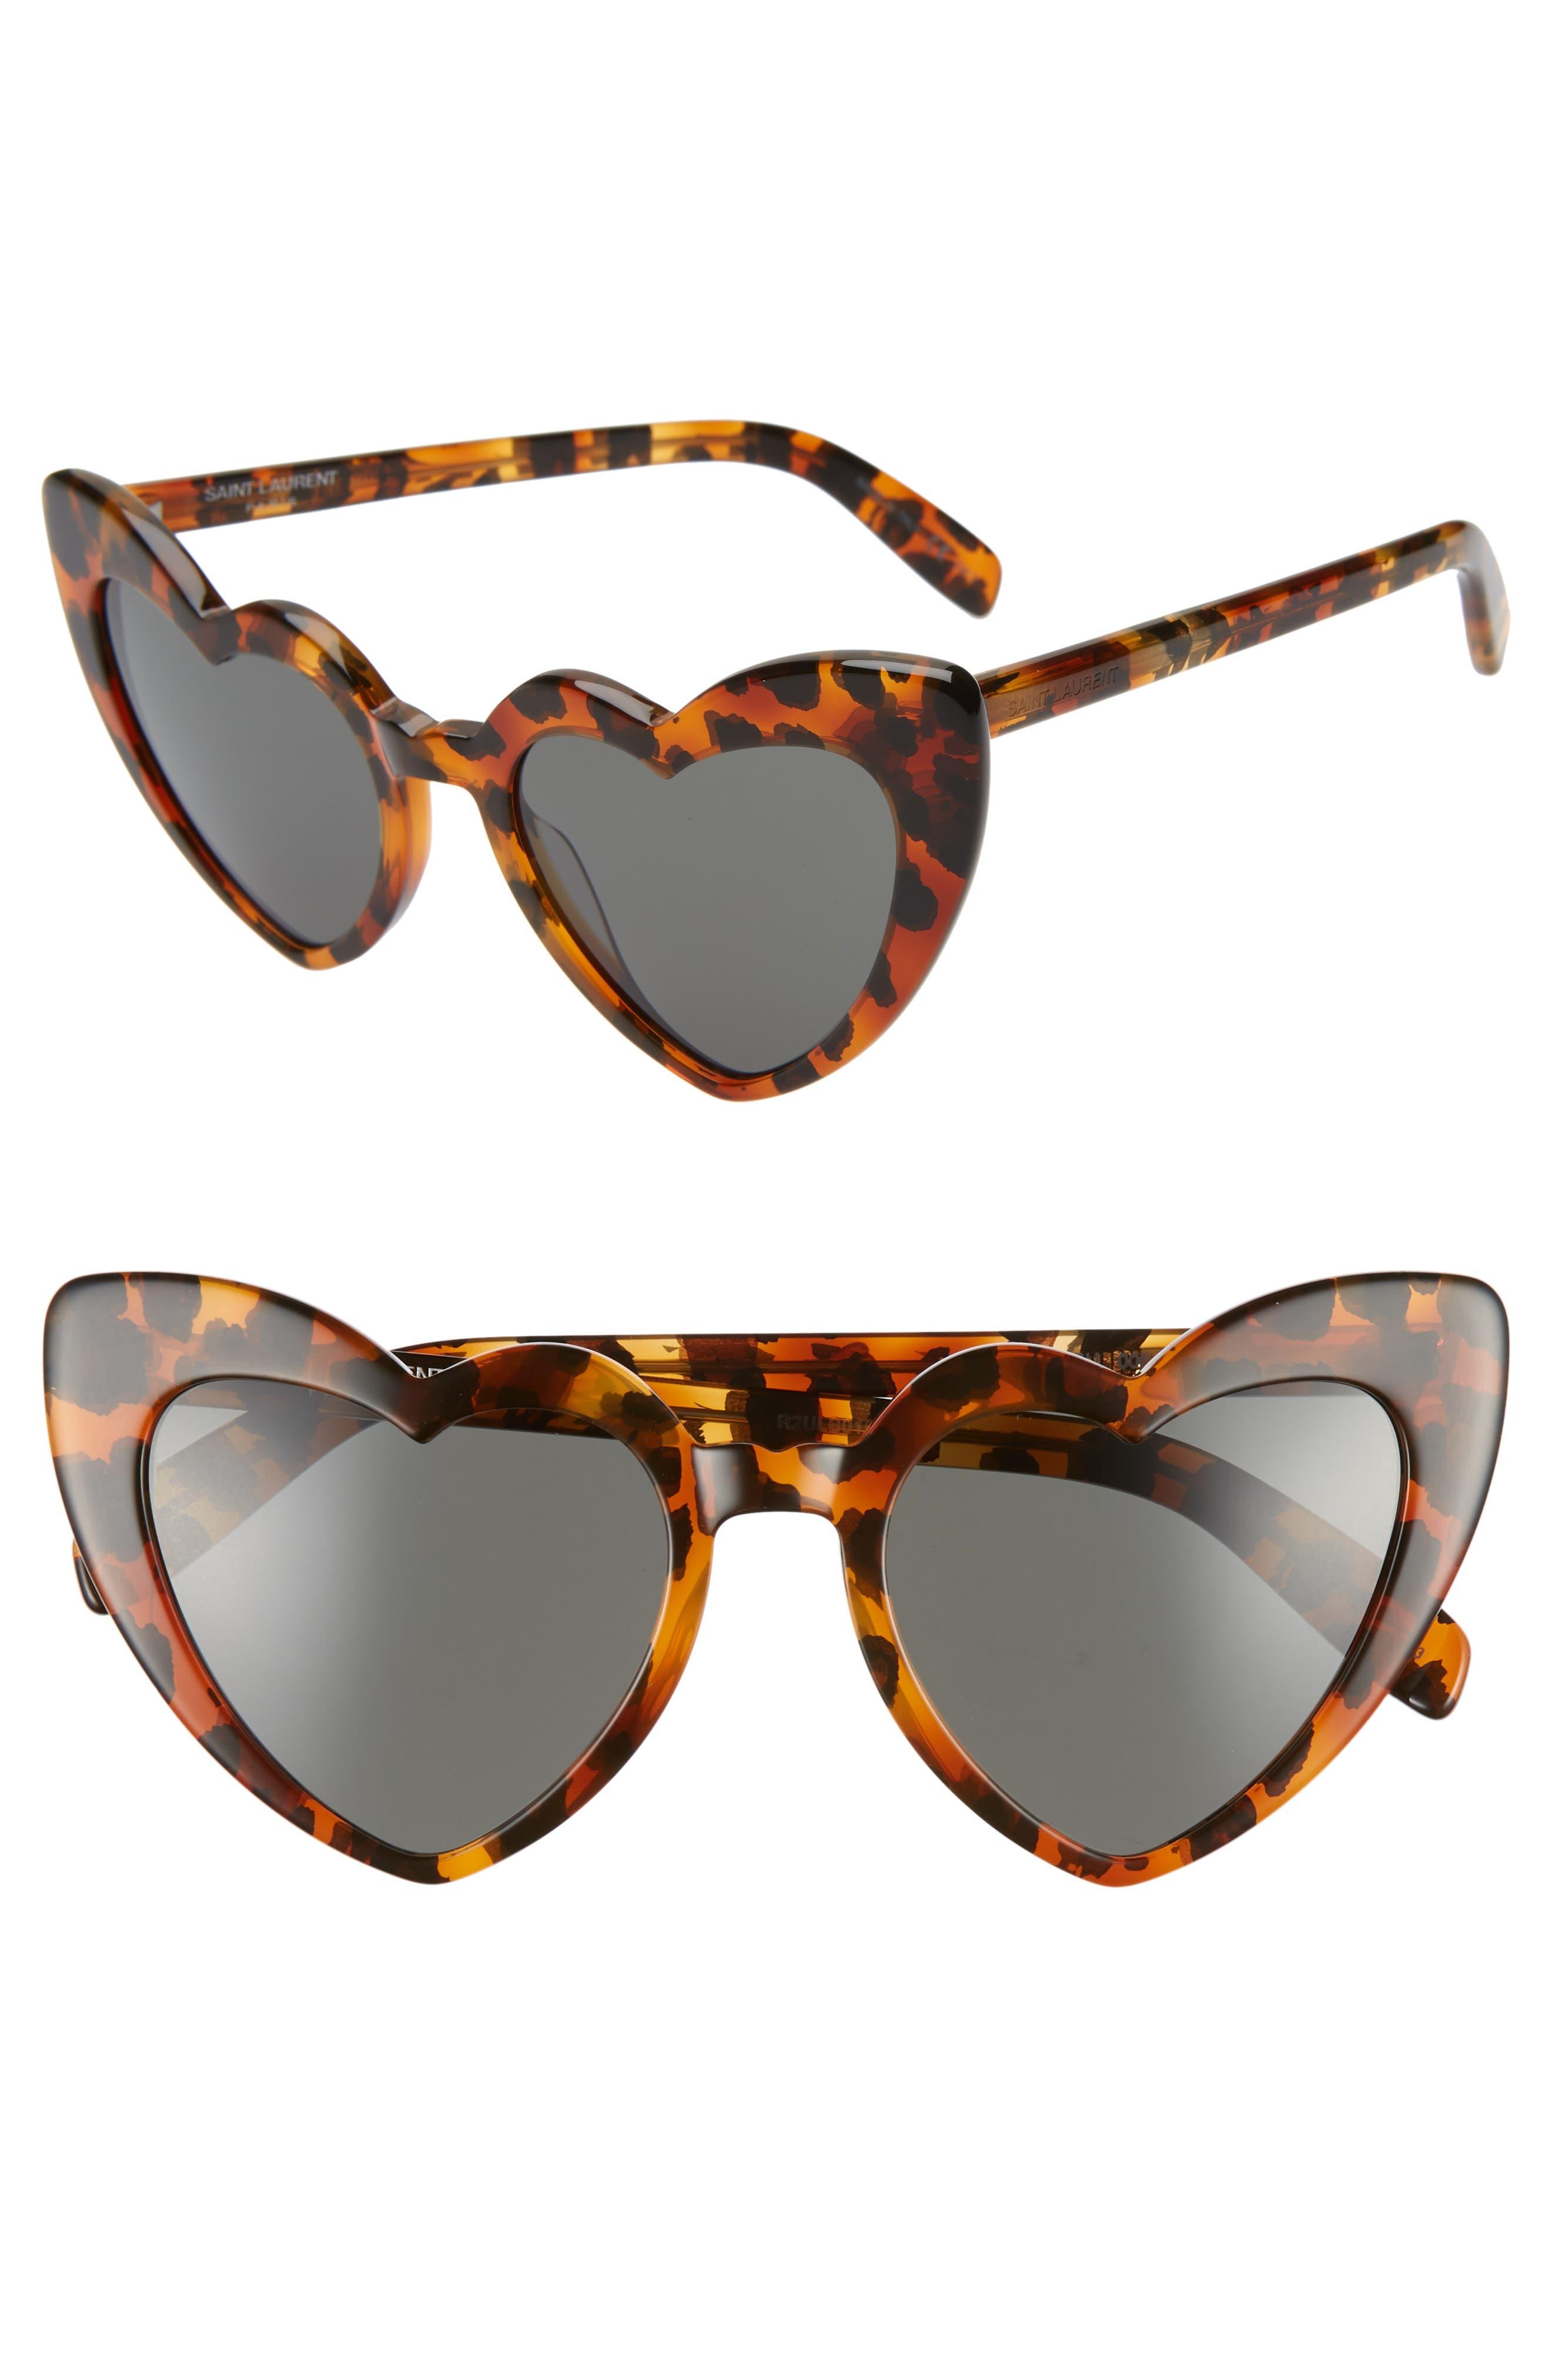 SAINT LAURENT,                             Loulou 54mm Heart Sunglasses,                             Main thumbnail 1, color,                             LEOPARD HAVANA/ GREY